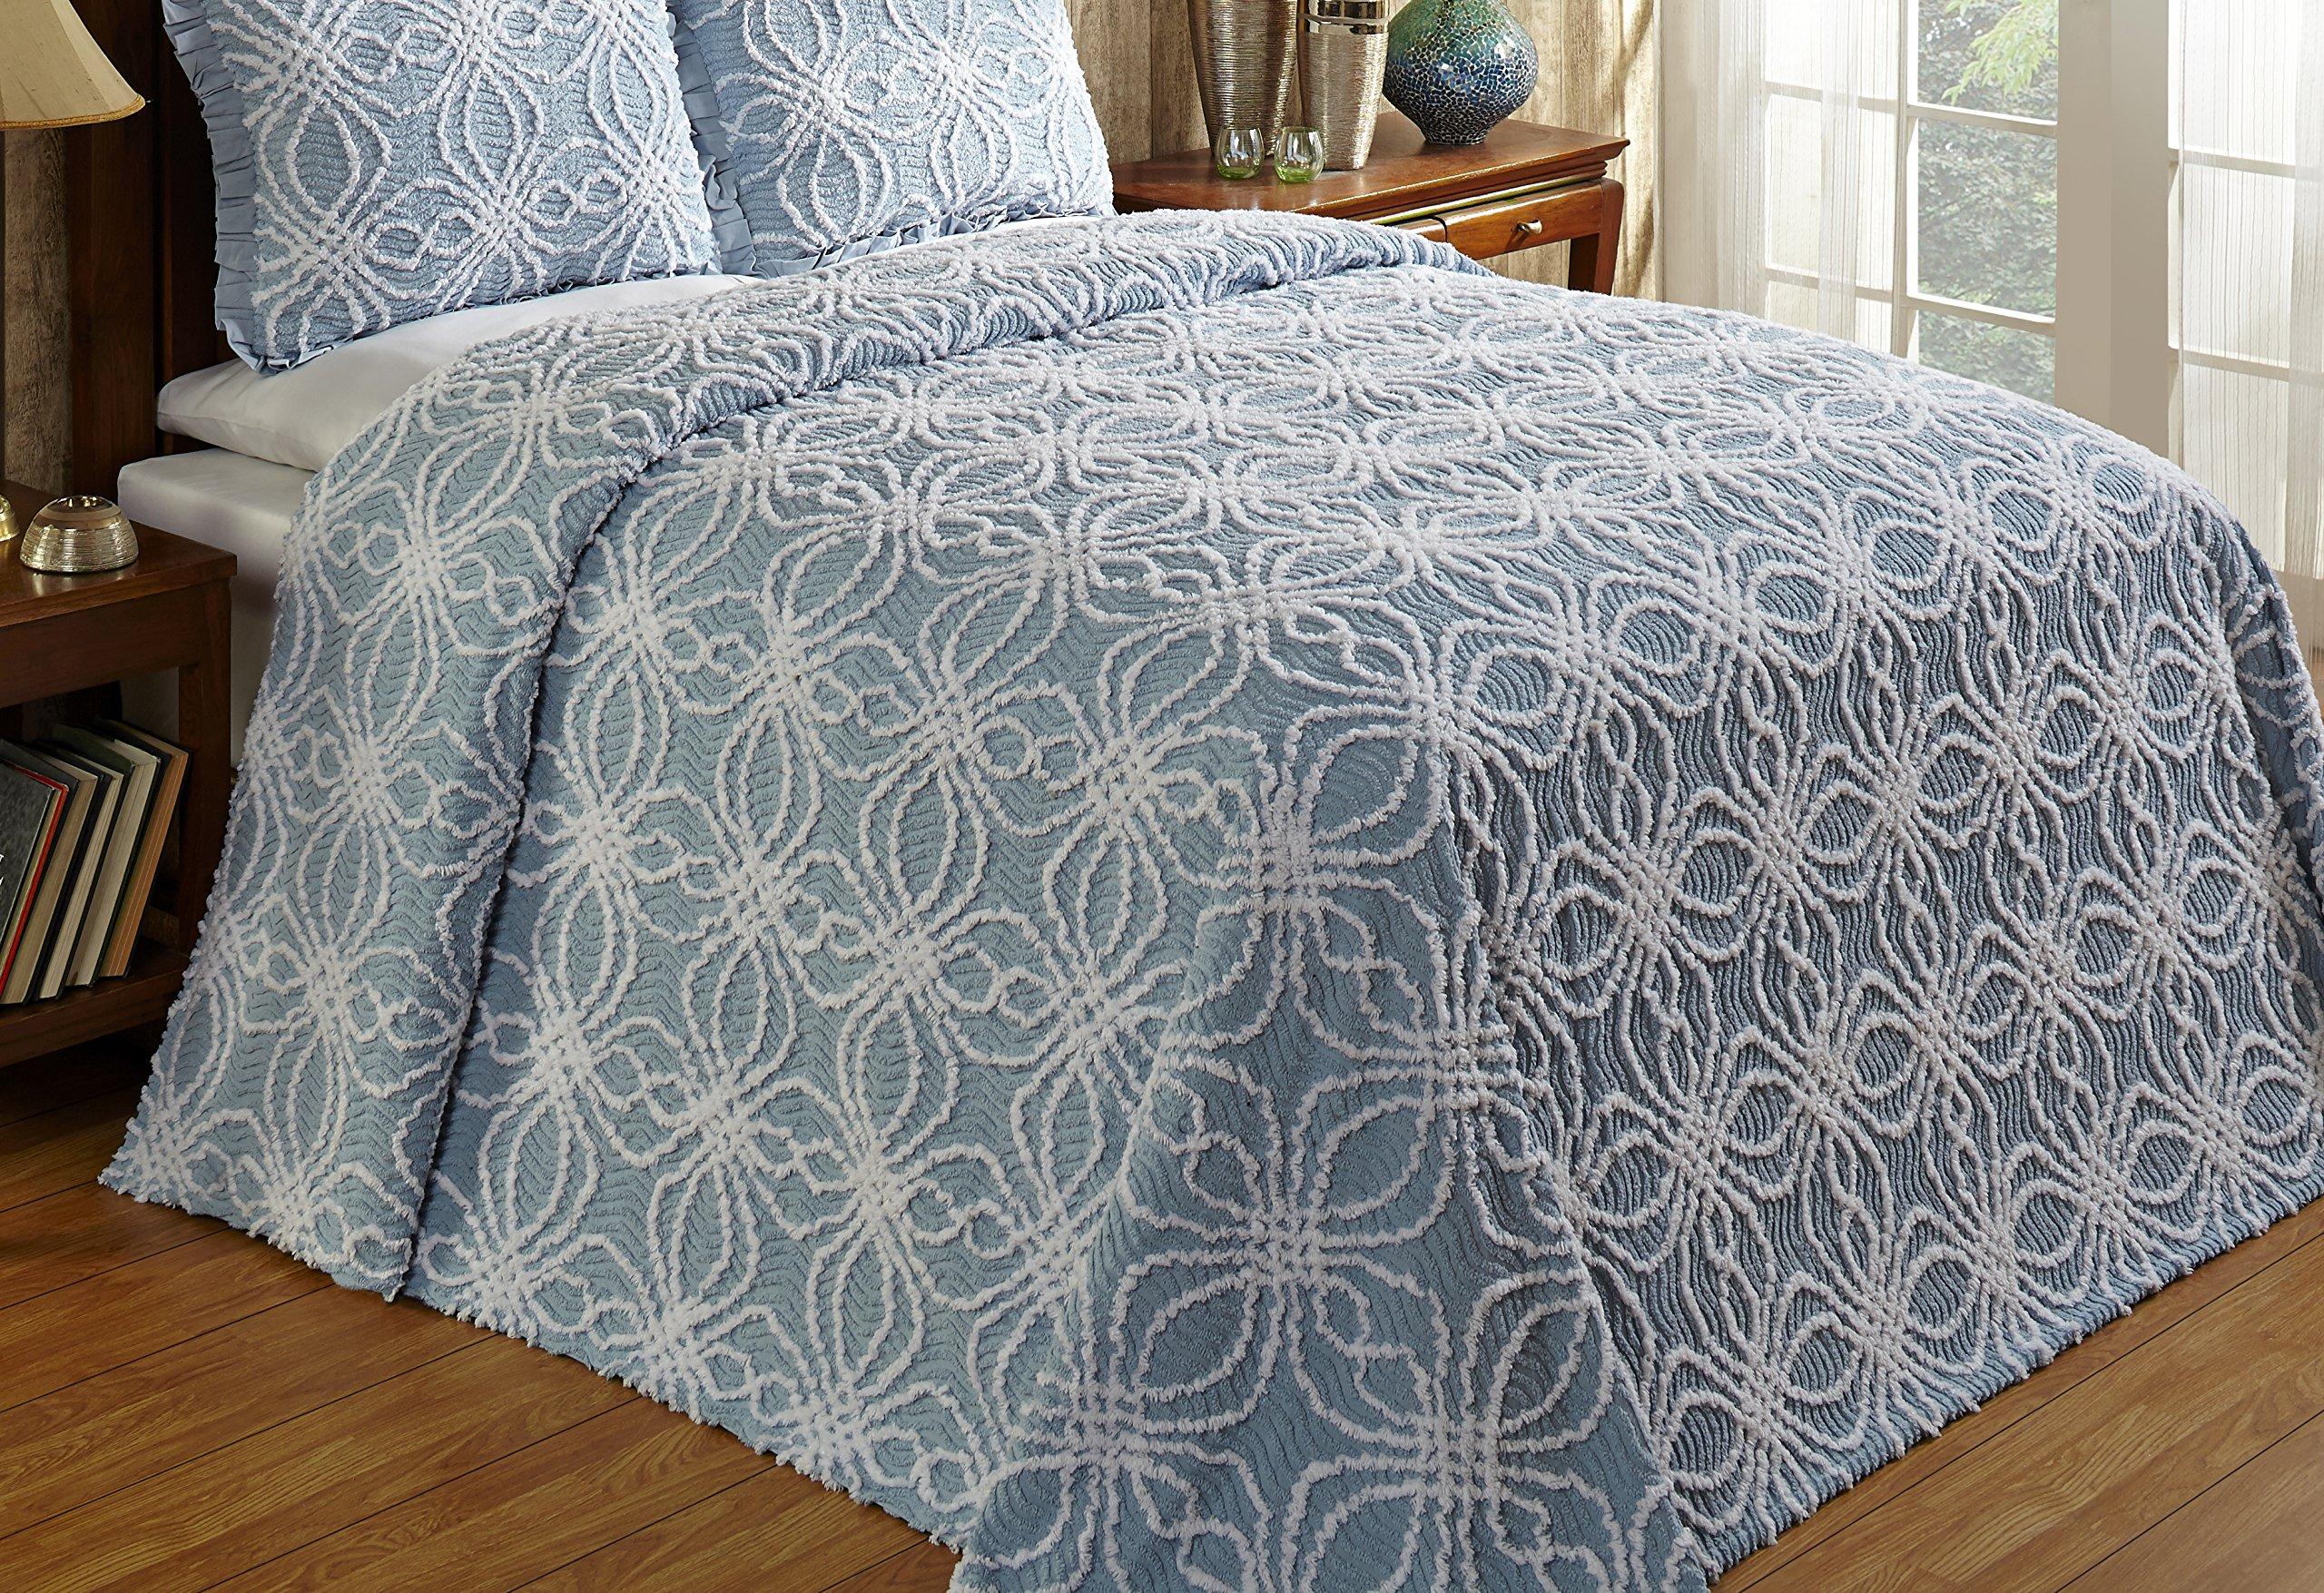 Better Trends / Pan Overseas 81 X 110 Inch Rosa Bedspread, Twin, Blue